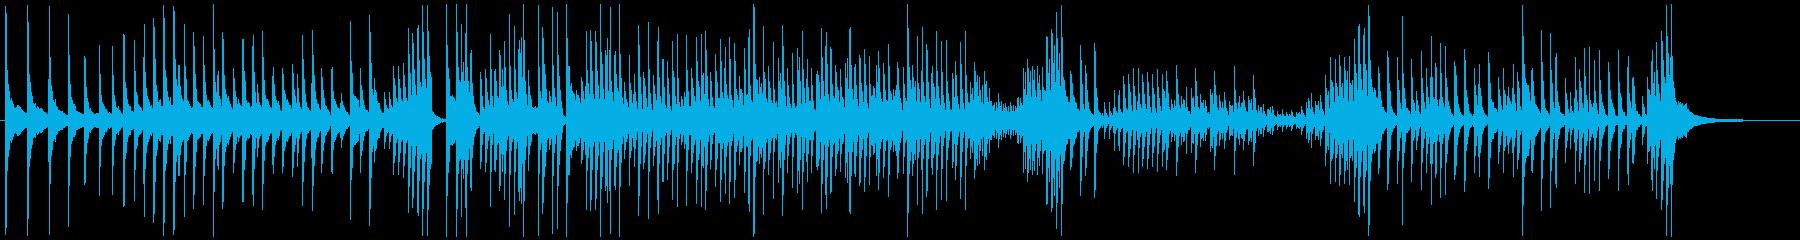 津軽三味線ソロ-F、激しい、疾走、声なしの再生済みの波形